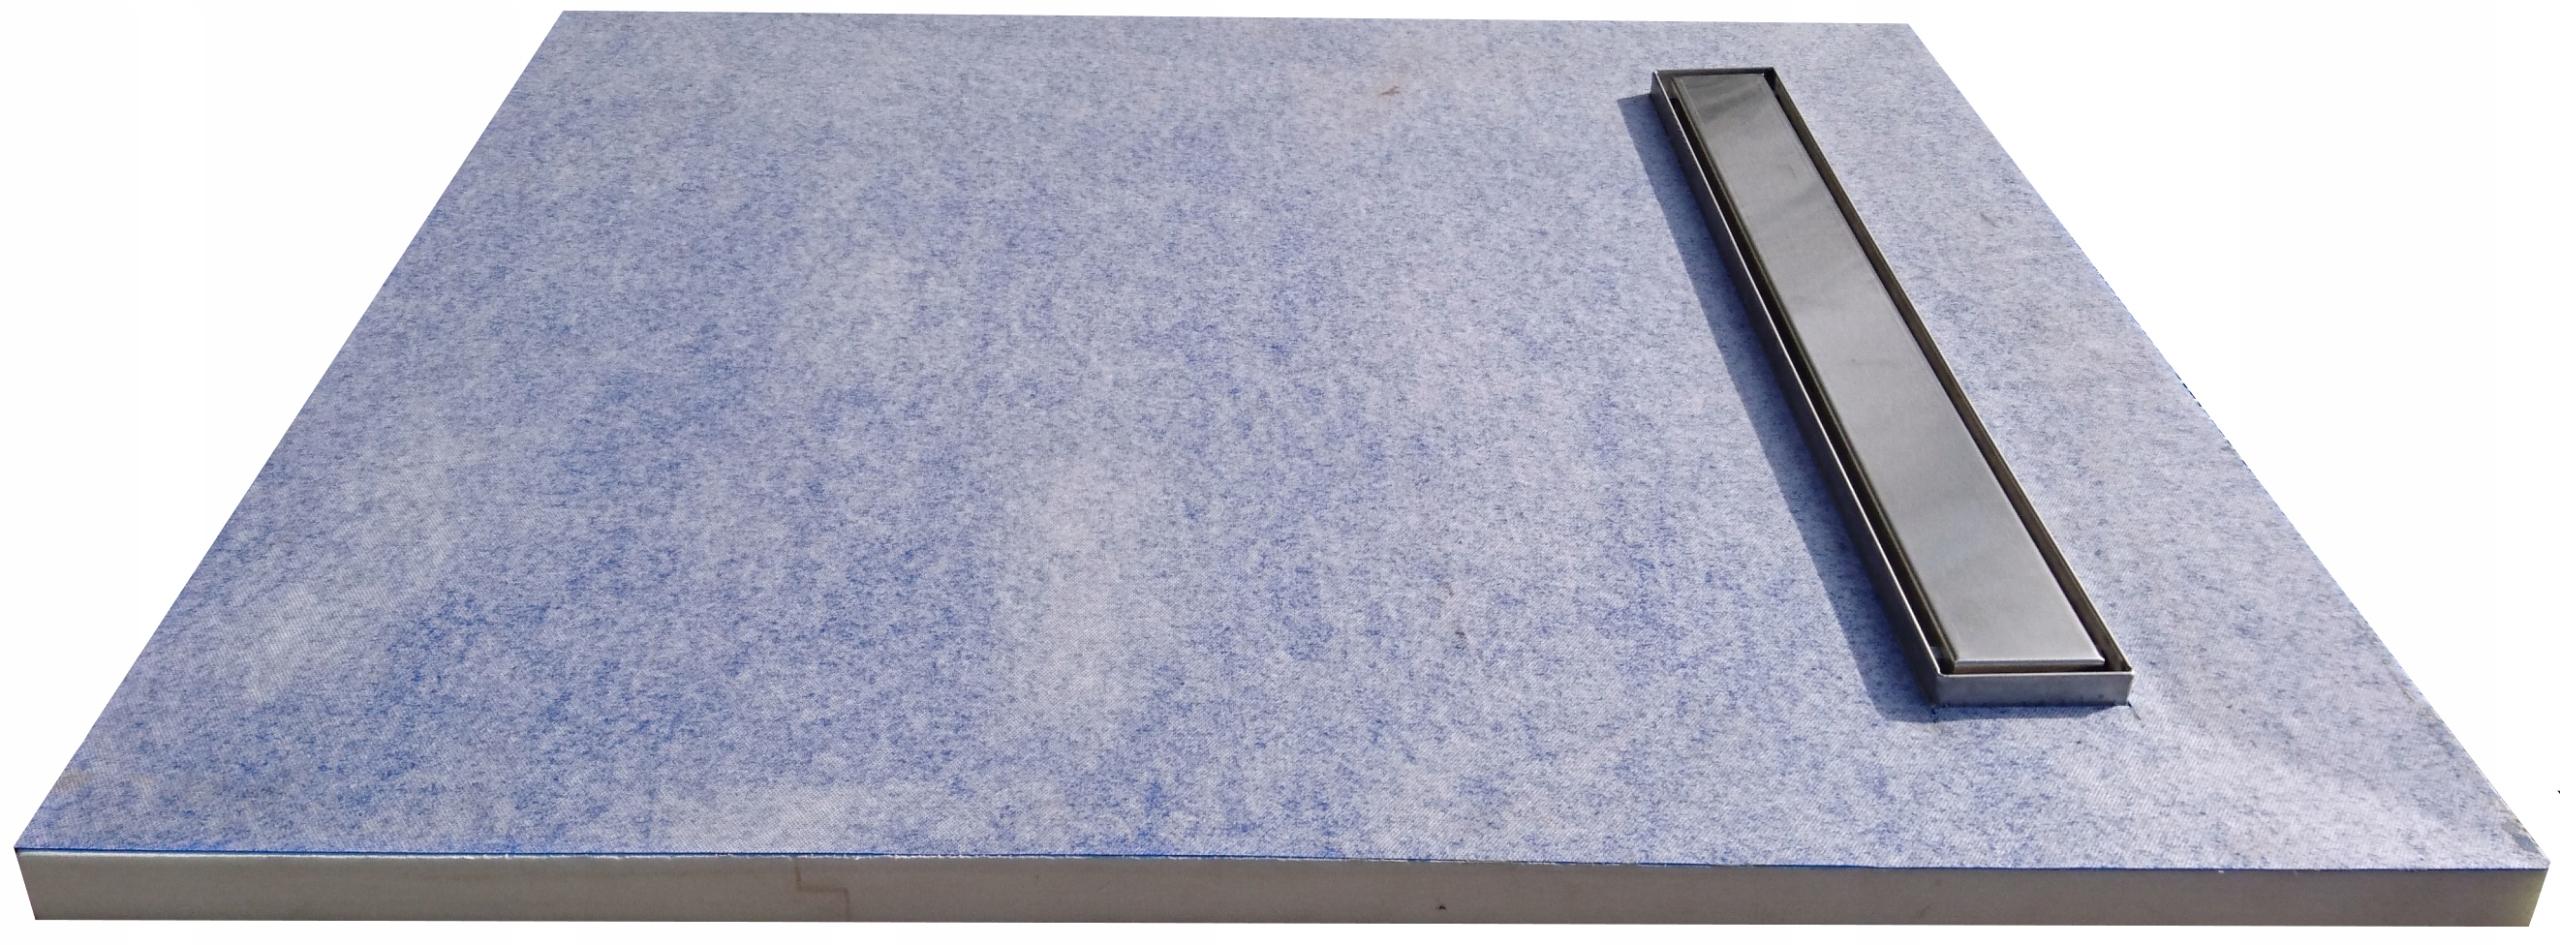 Sprchová vanička pod dlaždice 120x120 lineárny odtok 70